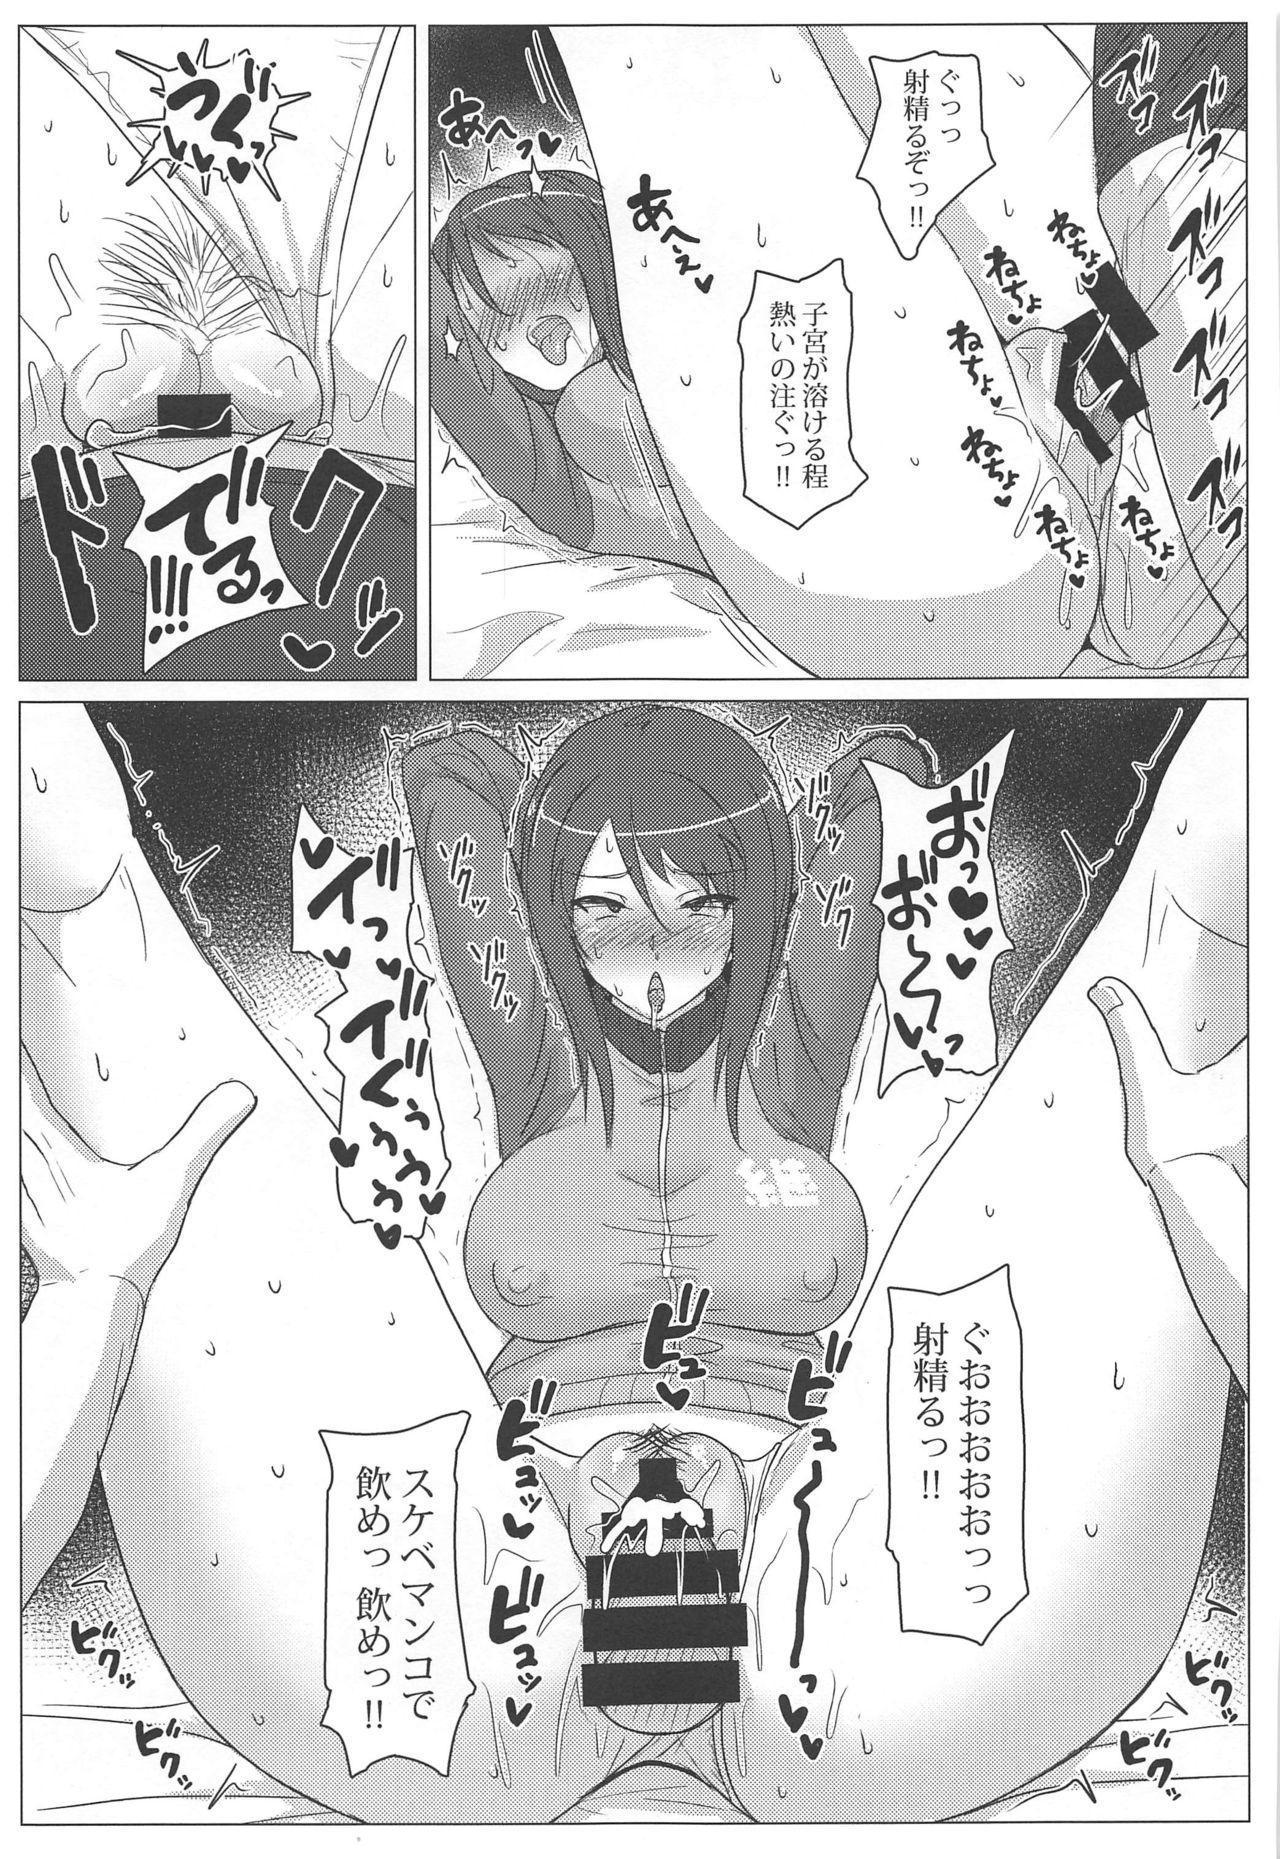 Mika-san o Hametaosu dake no Hon 9